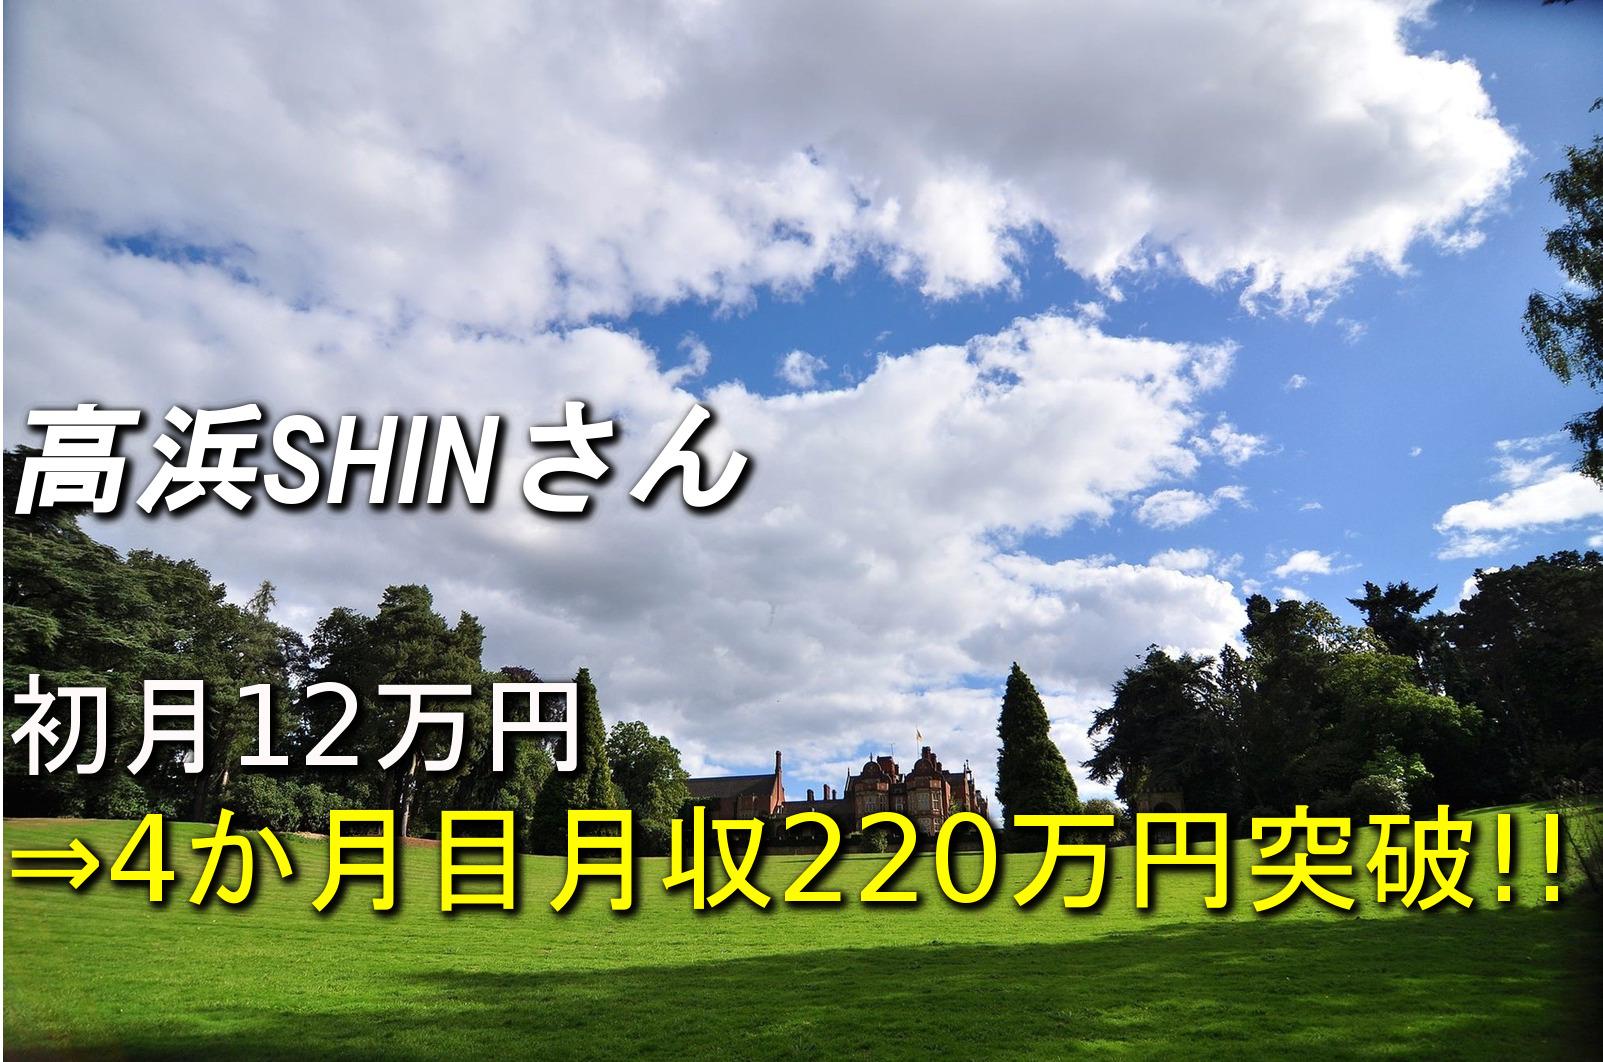 高浜さんがネットビジネス開始4か月で月収220万円突破されました